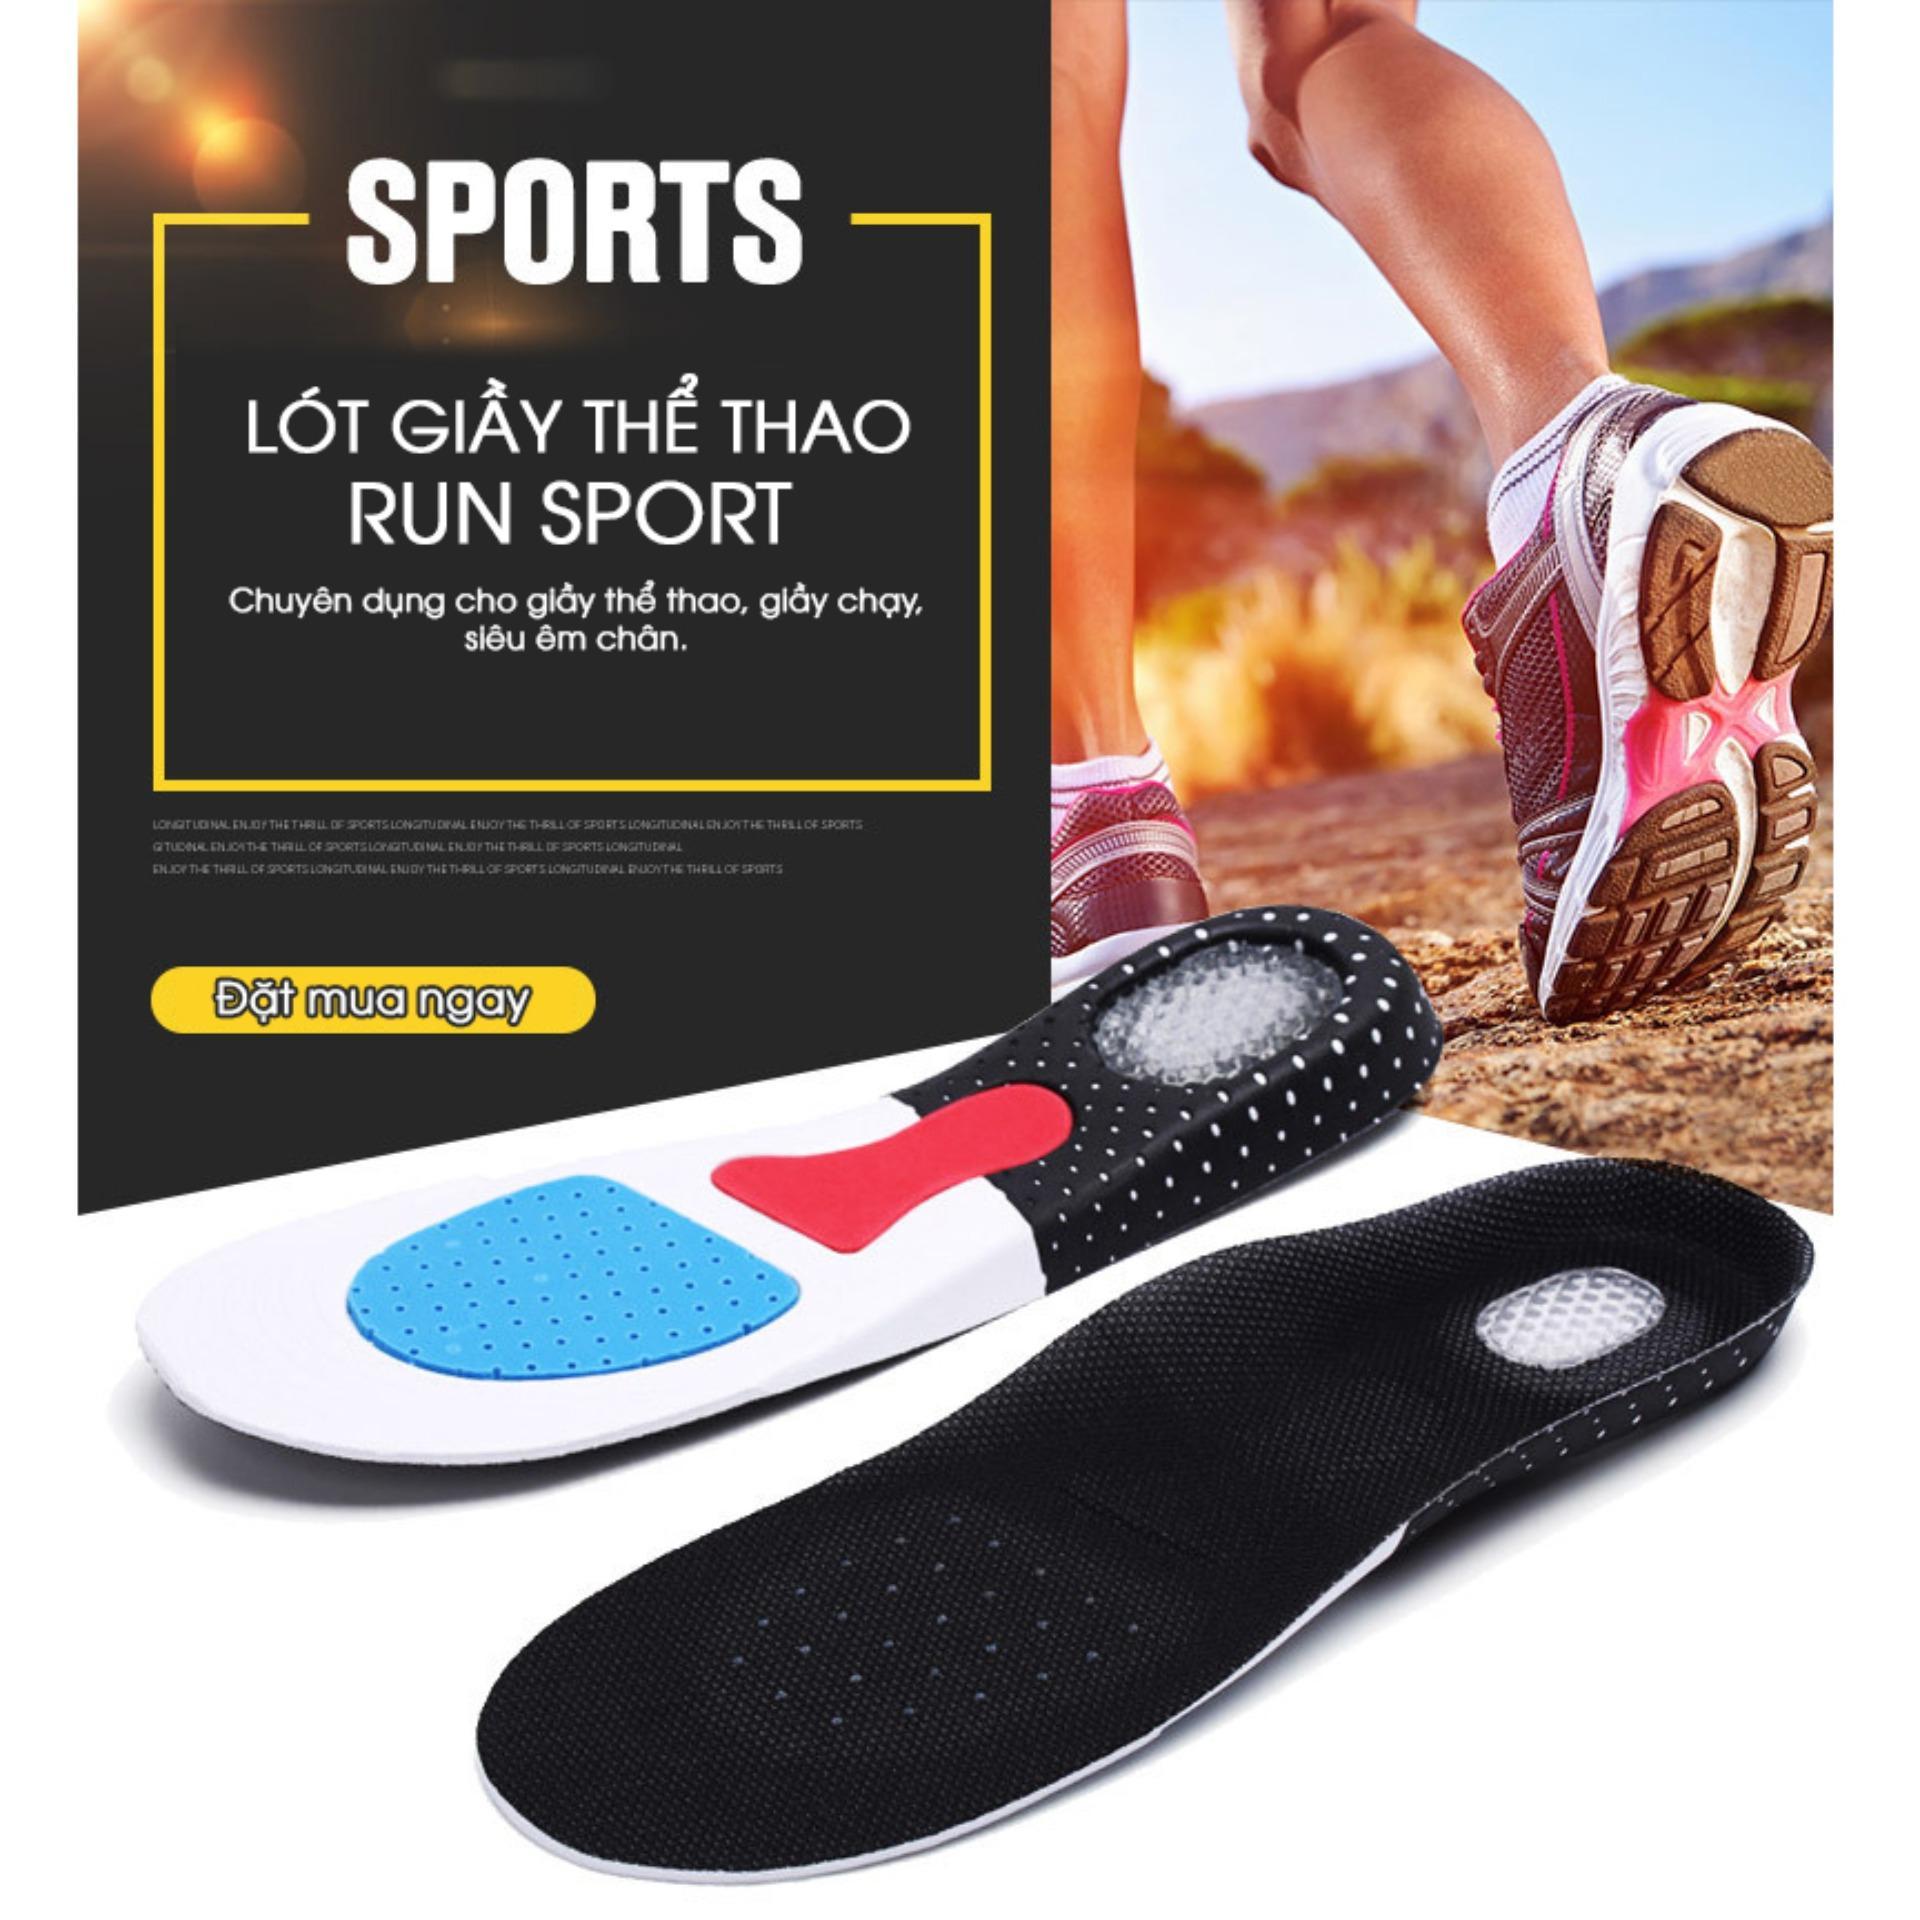 Lót giày nam cao cấp Run Sport (Đệm Sau Silicon Siêu Êm)